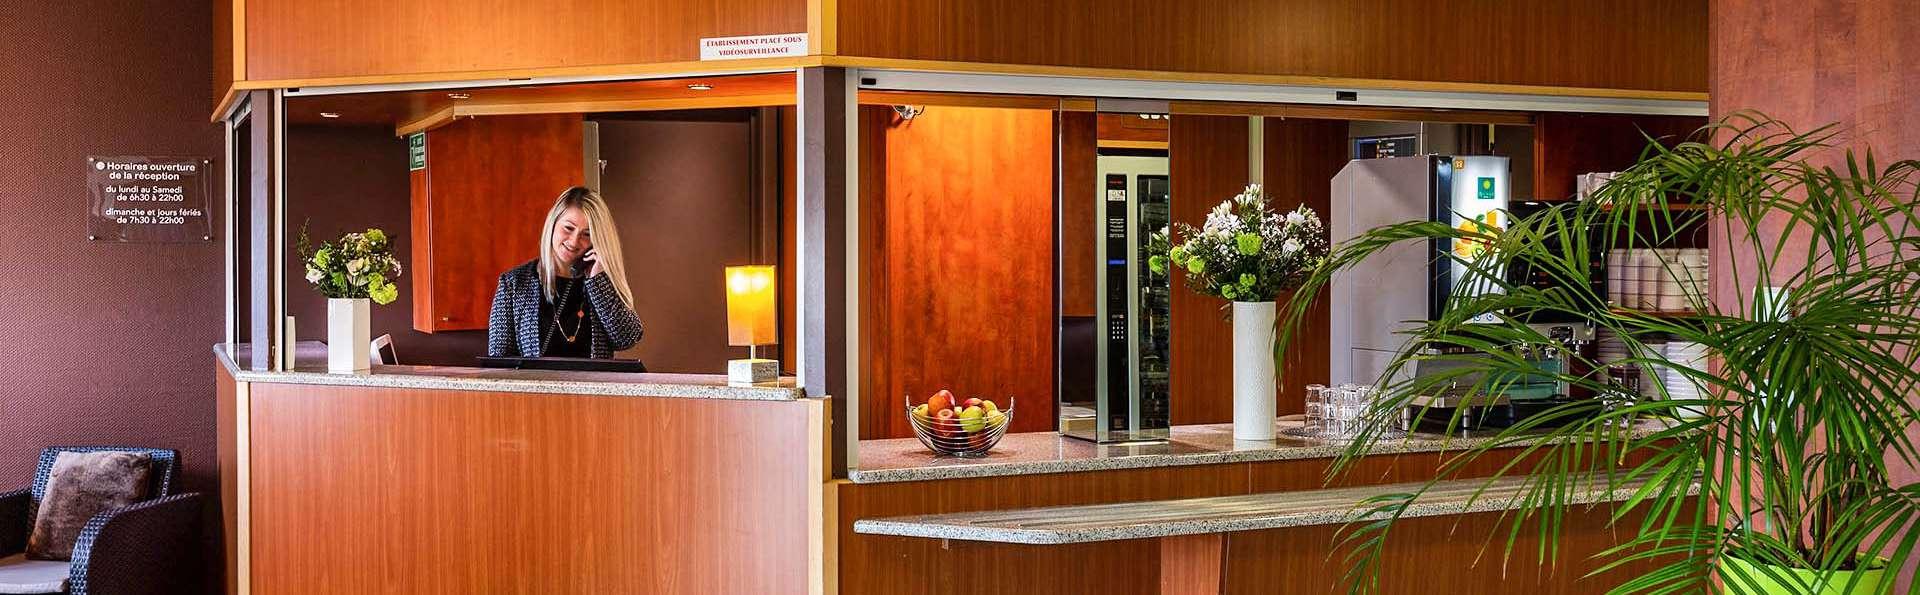 Hôtel Roi Soleil Mulhouse Kingersheim - EDIT_Reception_02.jpg